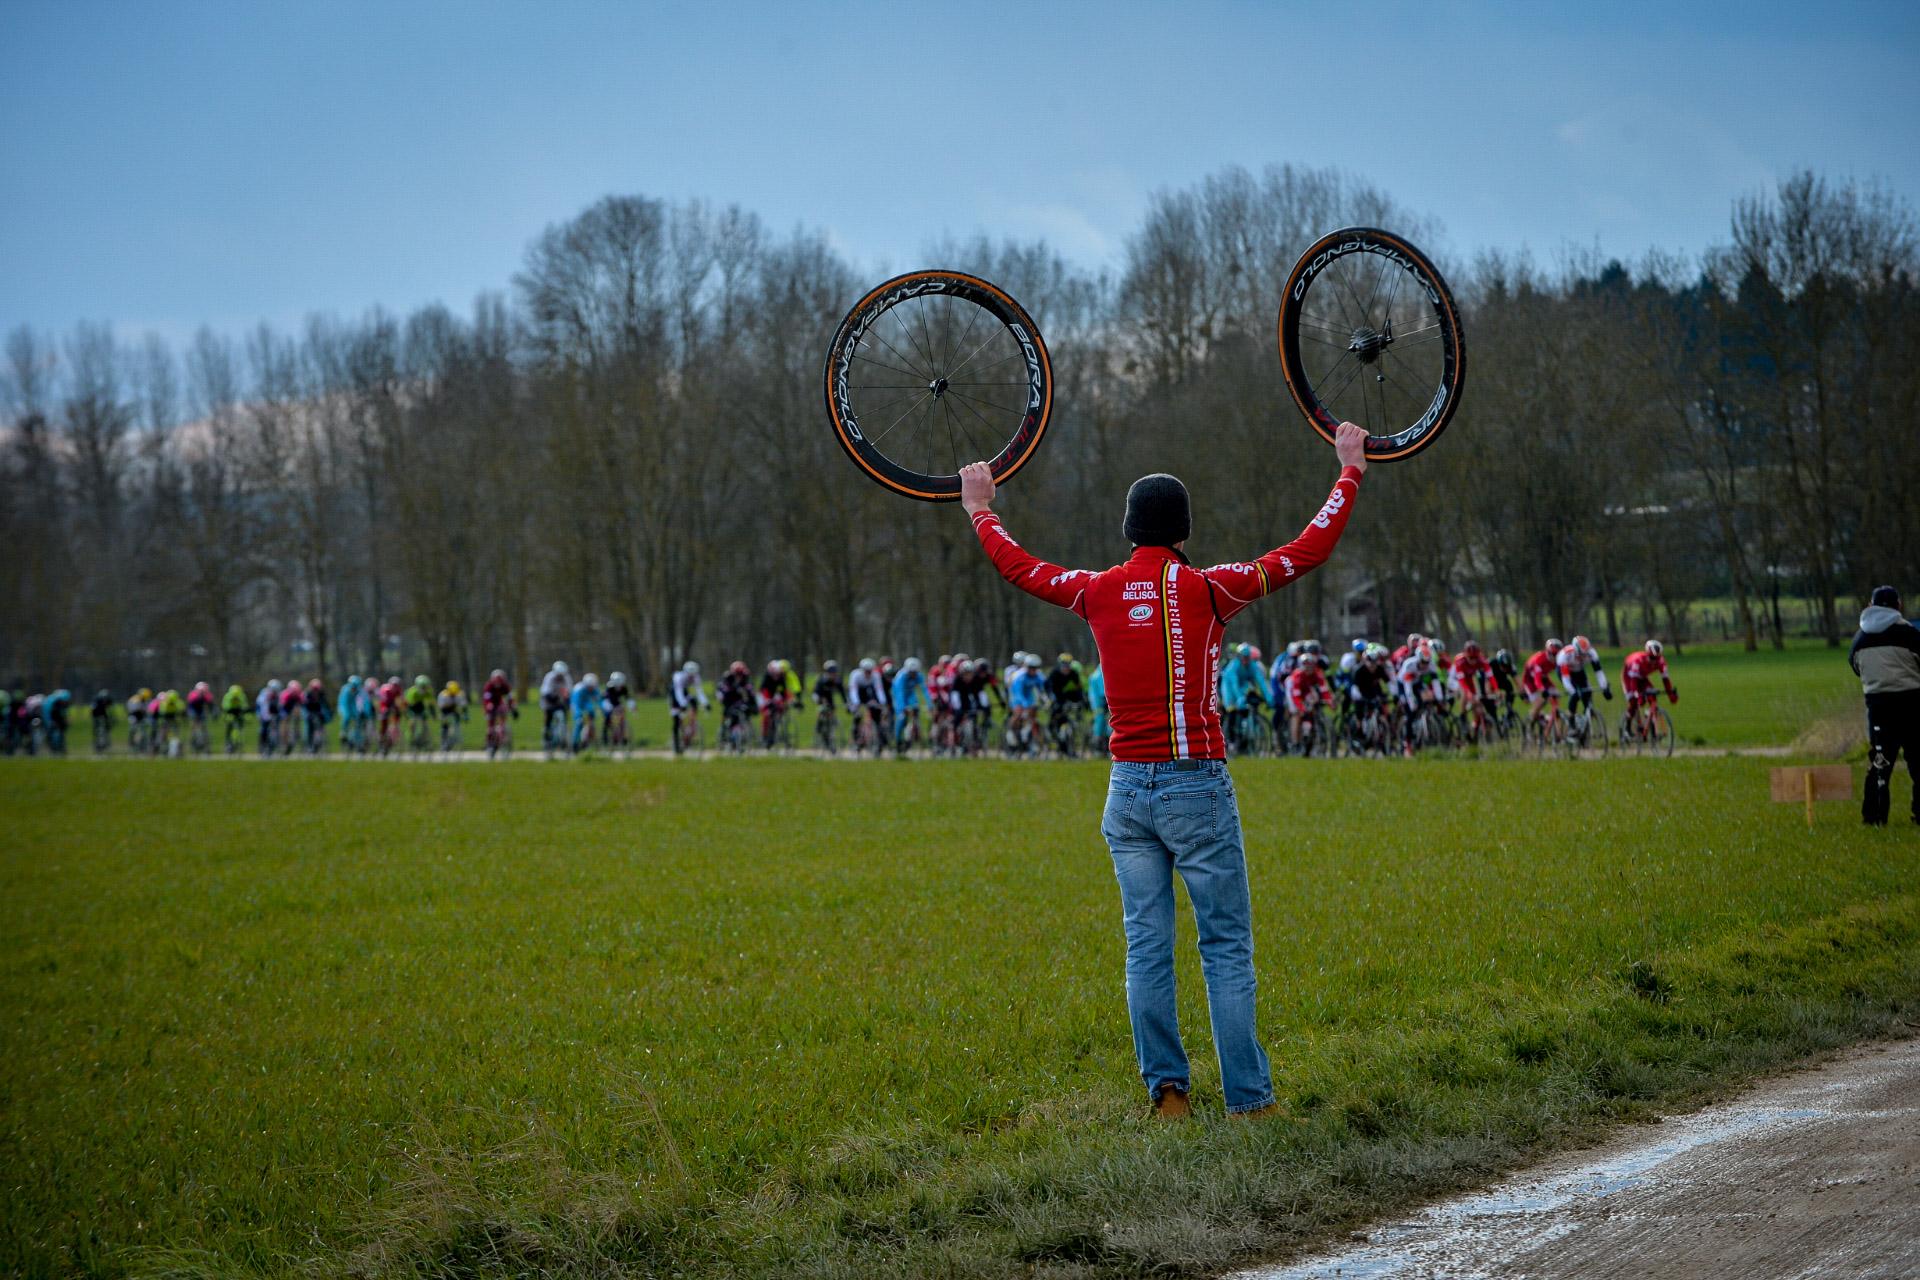 Hjulforbruk: Det er ikke til å legge skjul på at punkteringsfaren er større på grusen. Foto: ASO